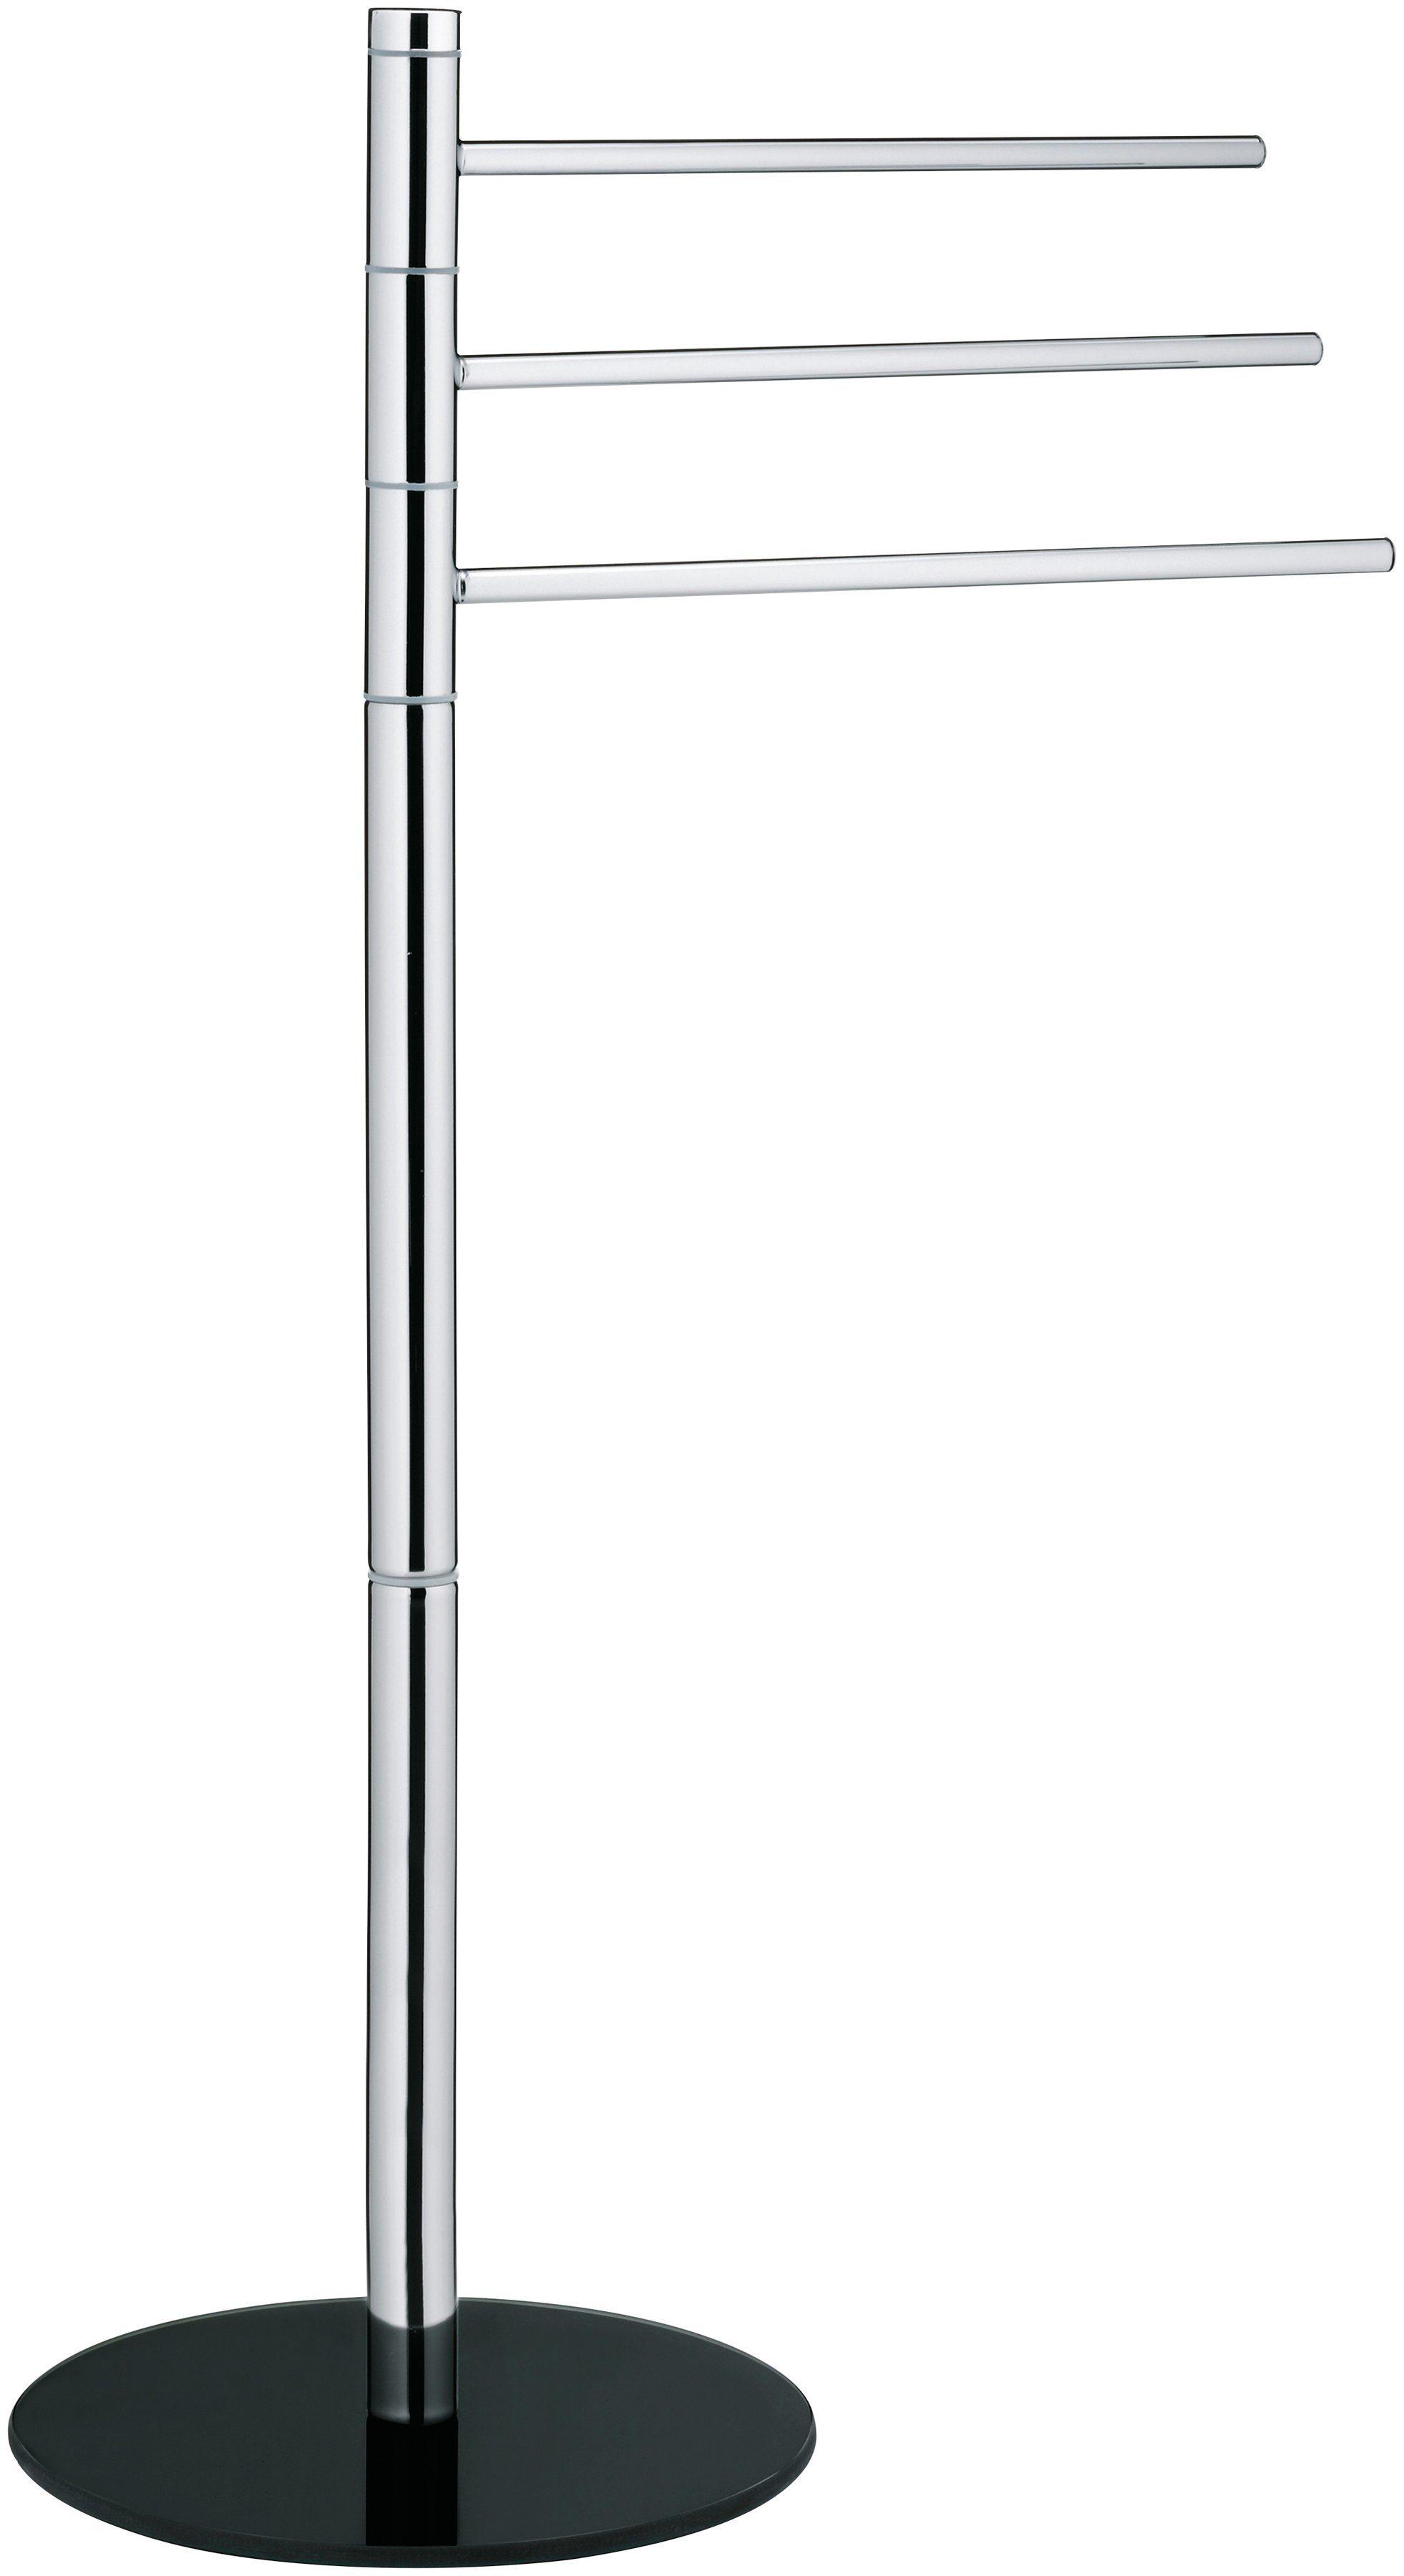 KELA Handtuchhalter »Levi«, Metall verchromt, 3-armig, Höhe 85 cm